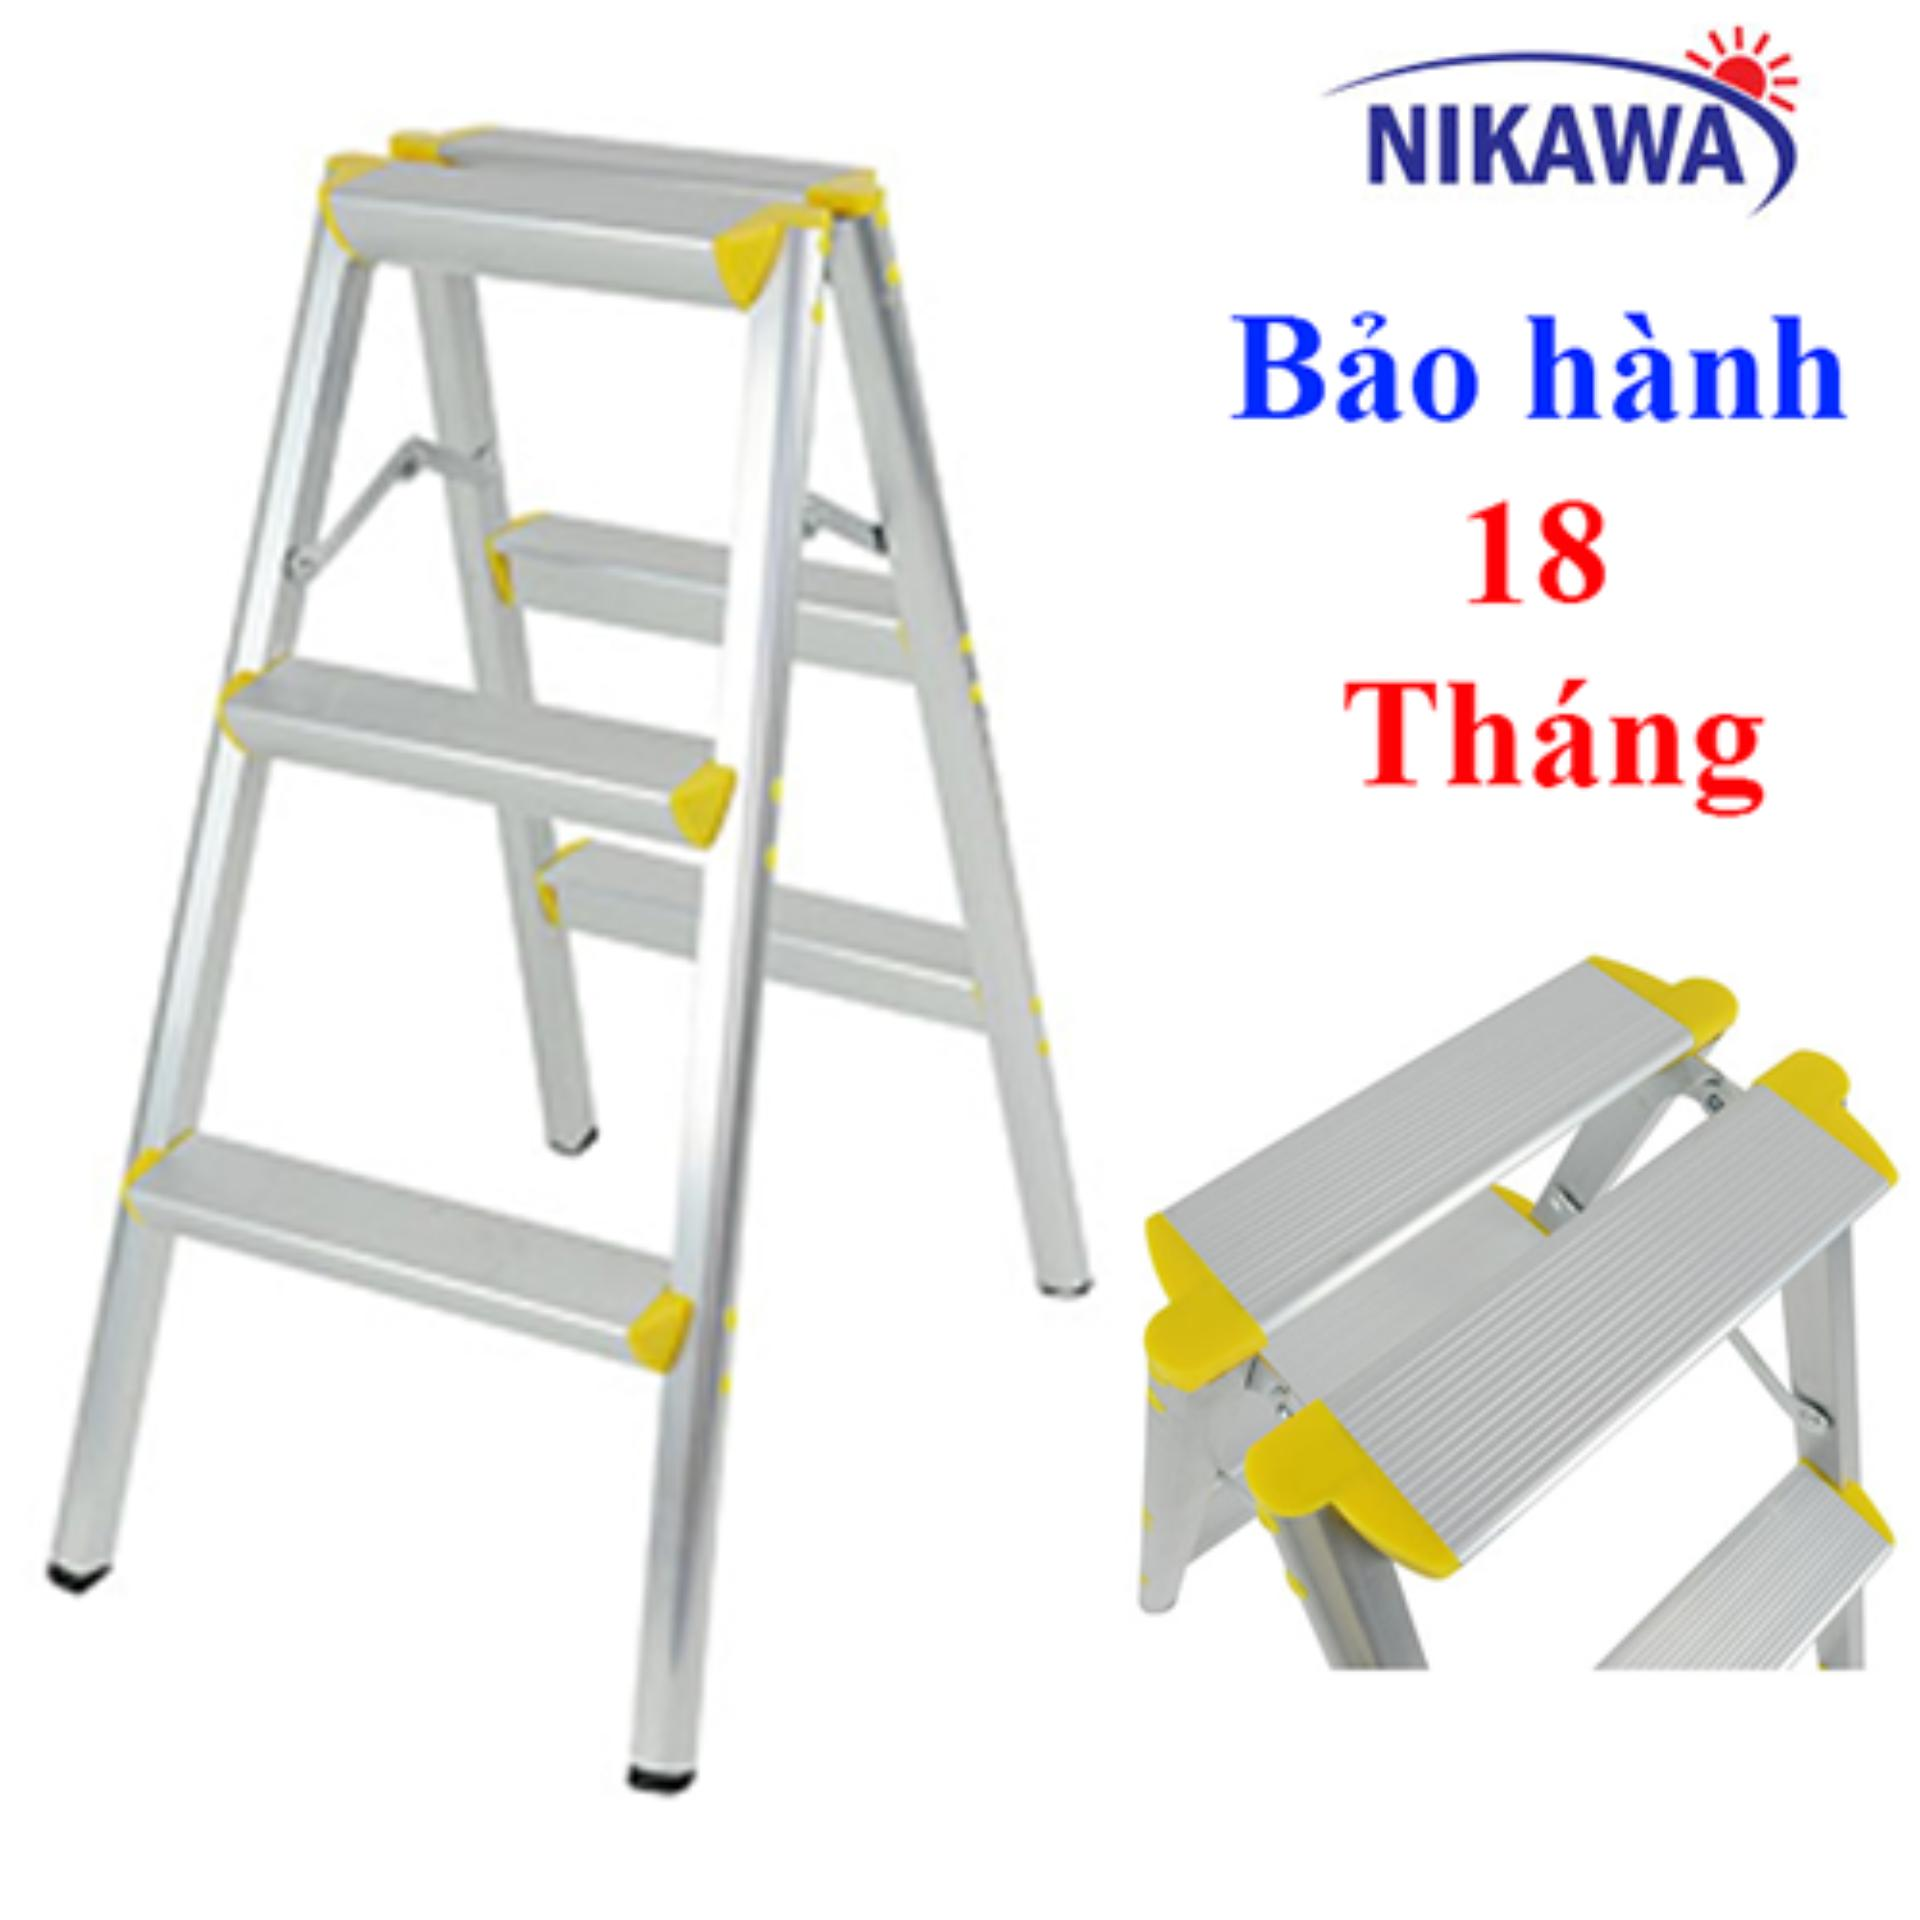 Thang nhôm chữ A NIKAWA NHẬT BẢN NKD03 - Cao 75cm